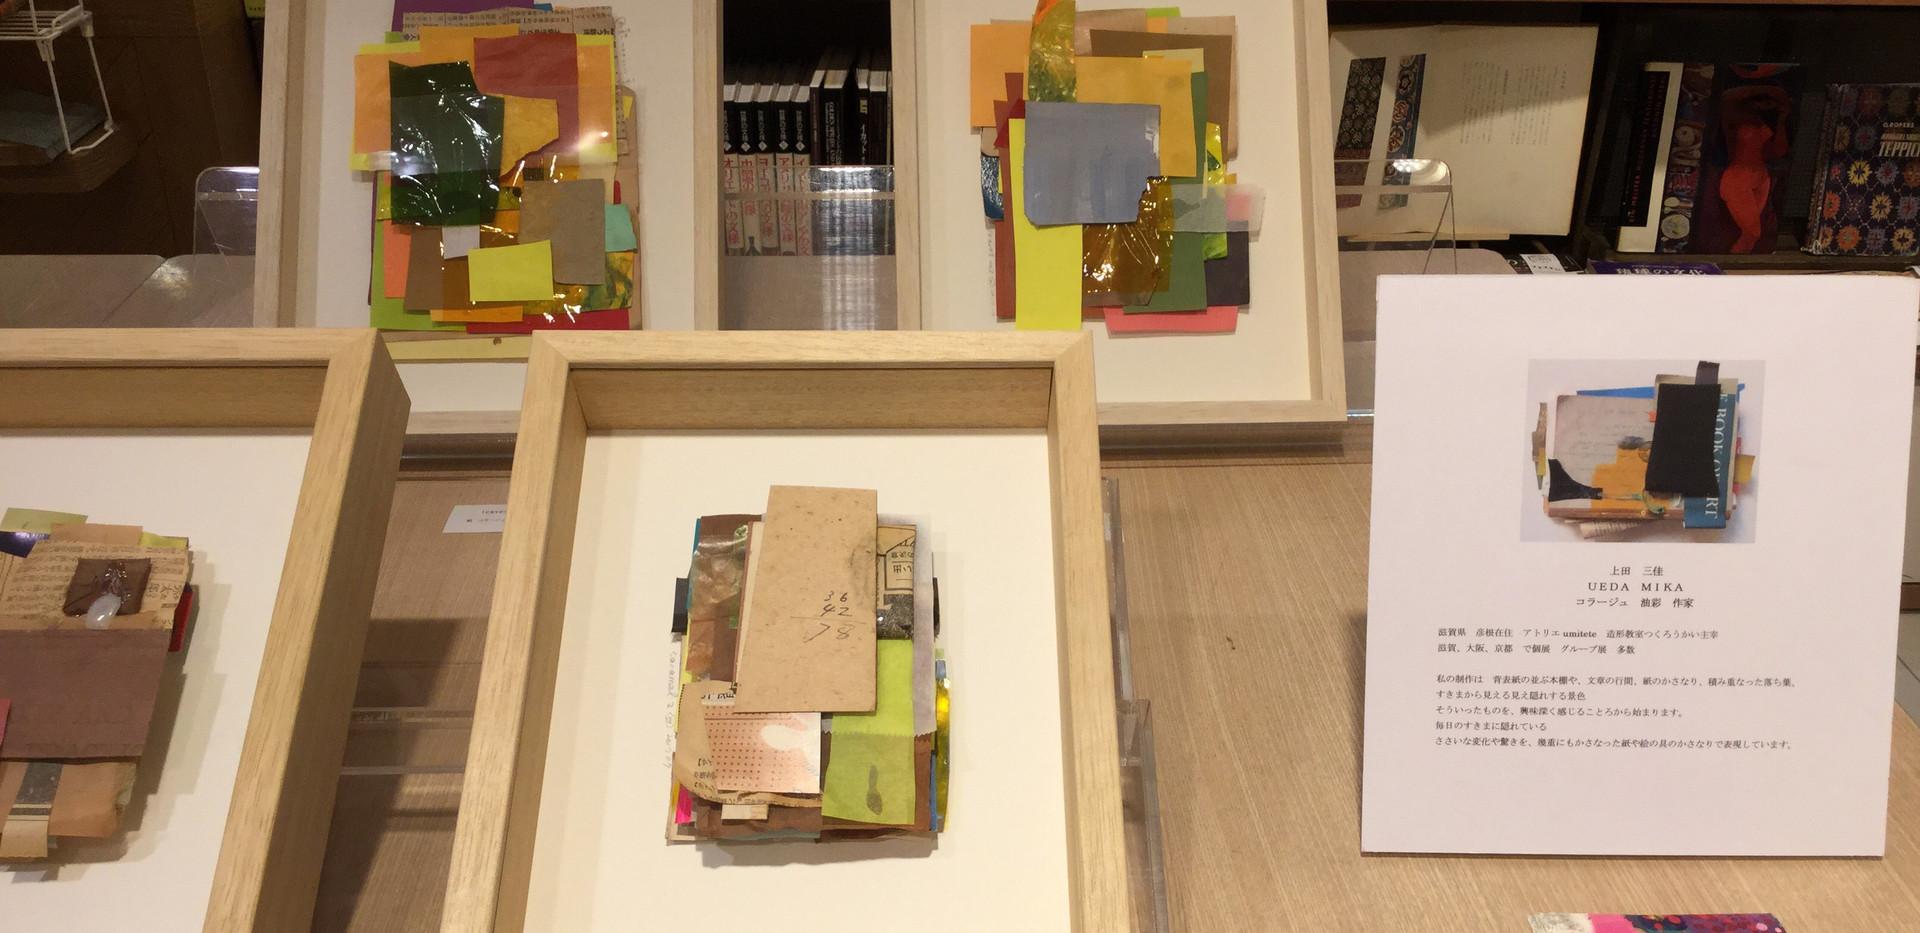 マチマチ書店展示風景3.jpeg